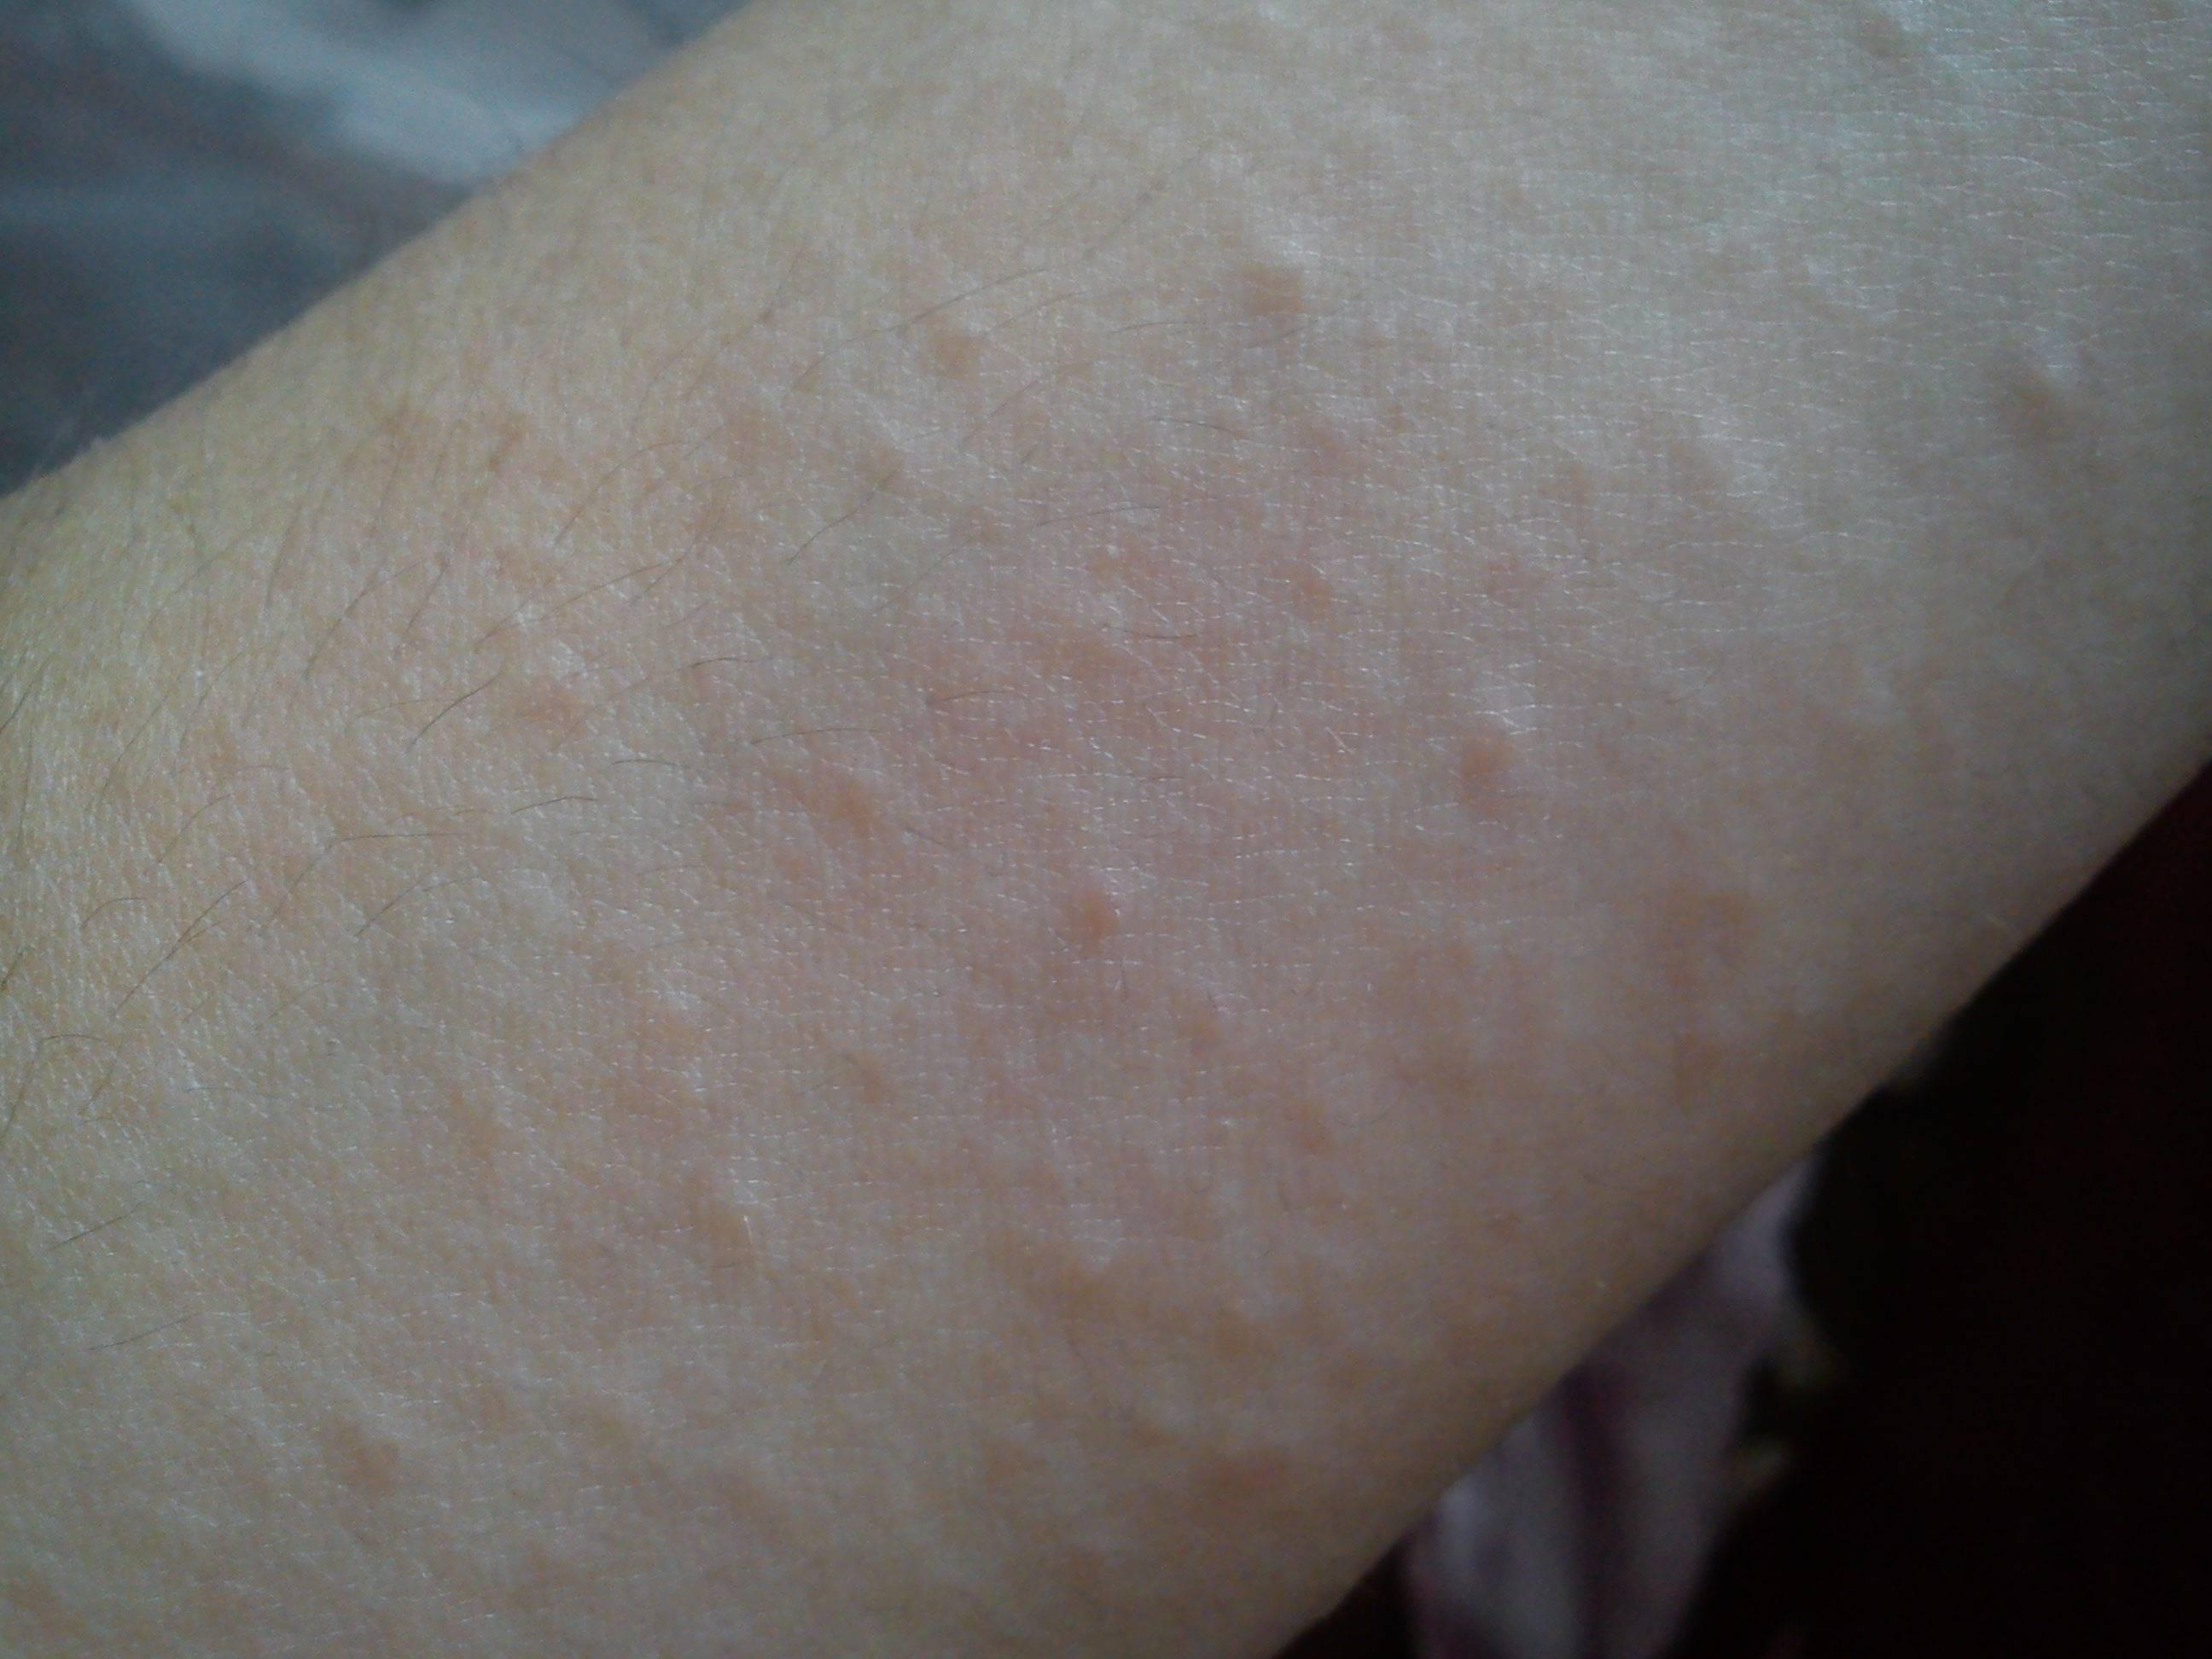 Cыпь на спине у взрослого: красные пятна и высыпания, почему появились прыщи и чешутся – причины